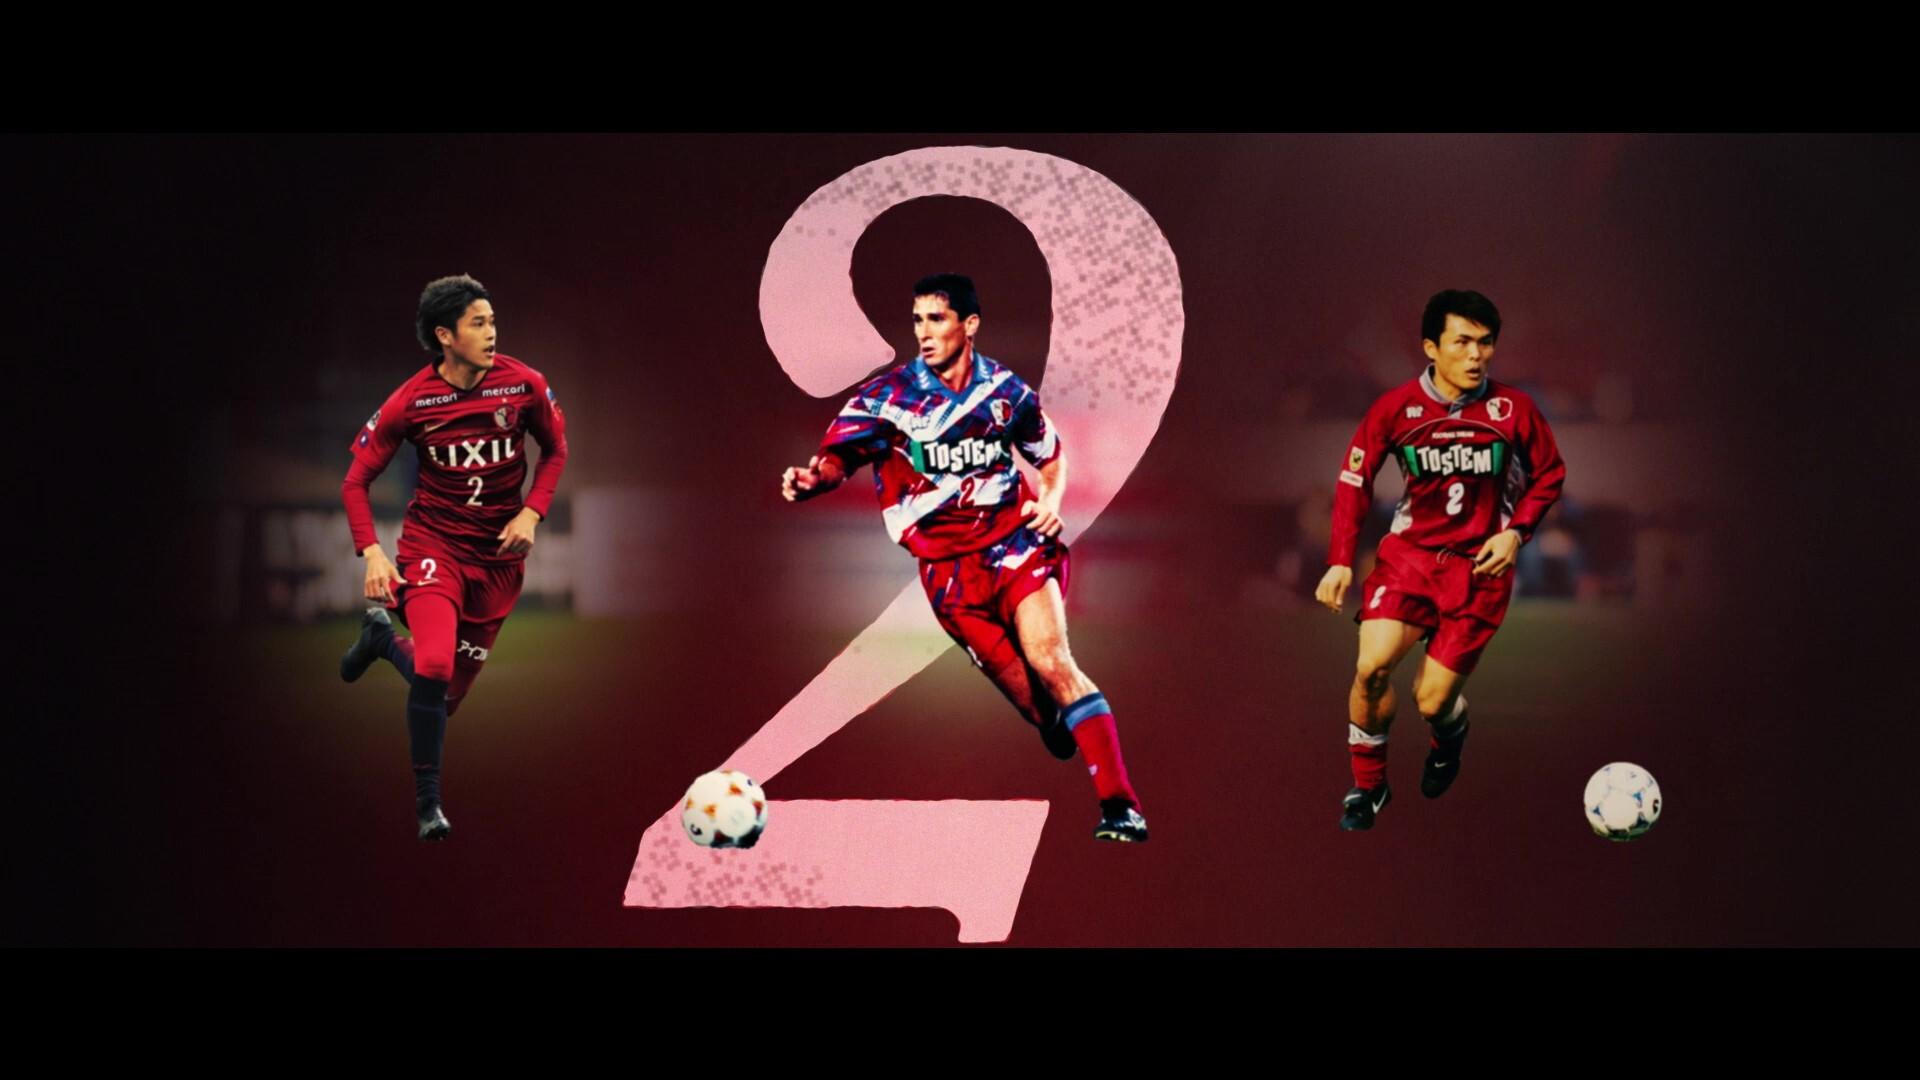 【鹿島アントラーズ】SQUAD NUMBERS〜背番号の記憶〜 #2 小さくも偉大な数字